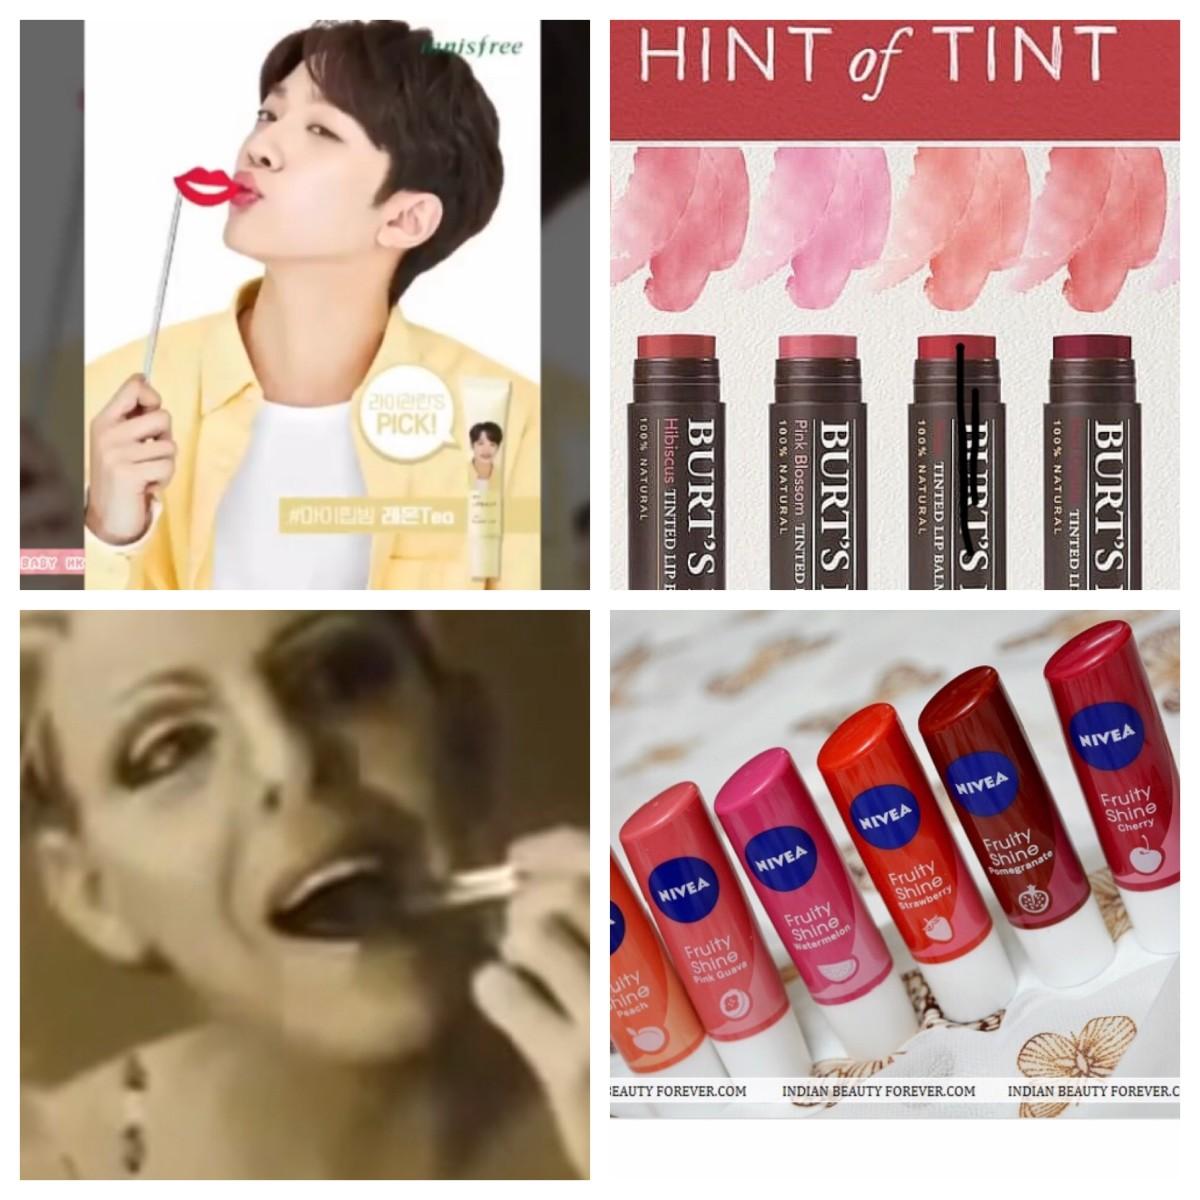 Lipstick for men?